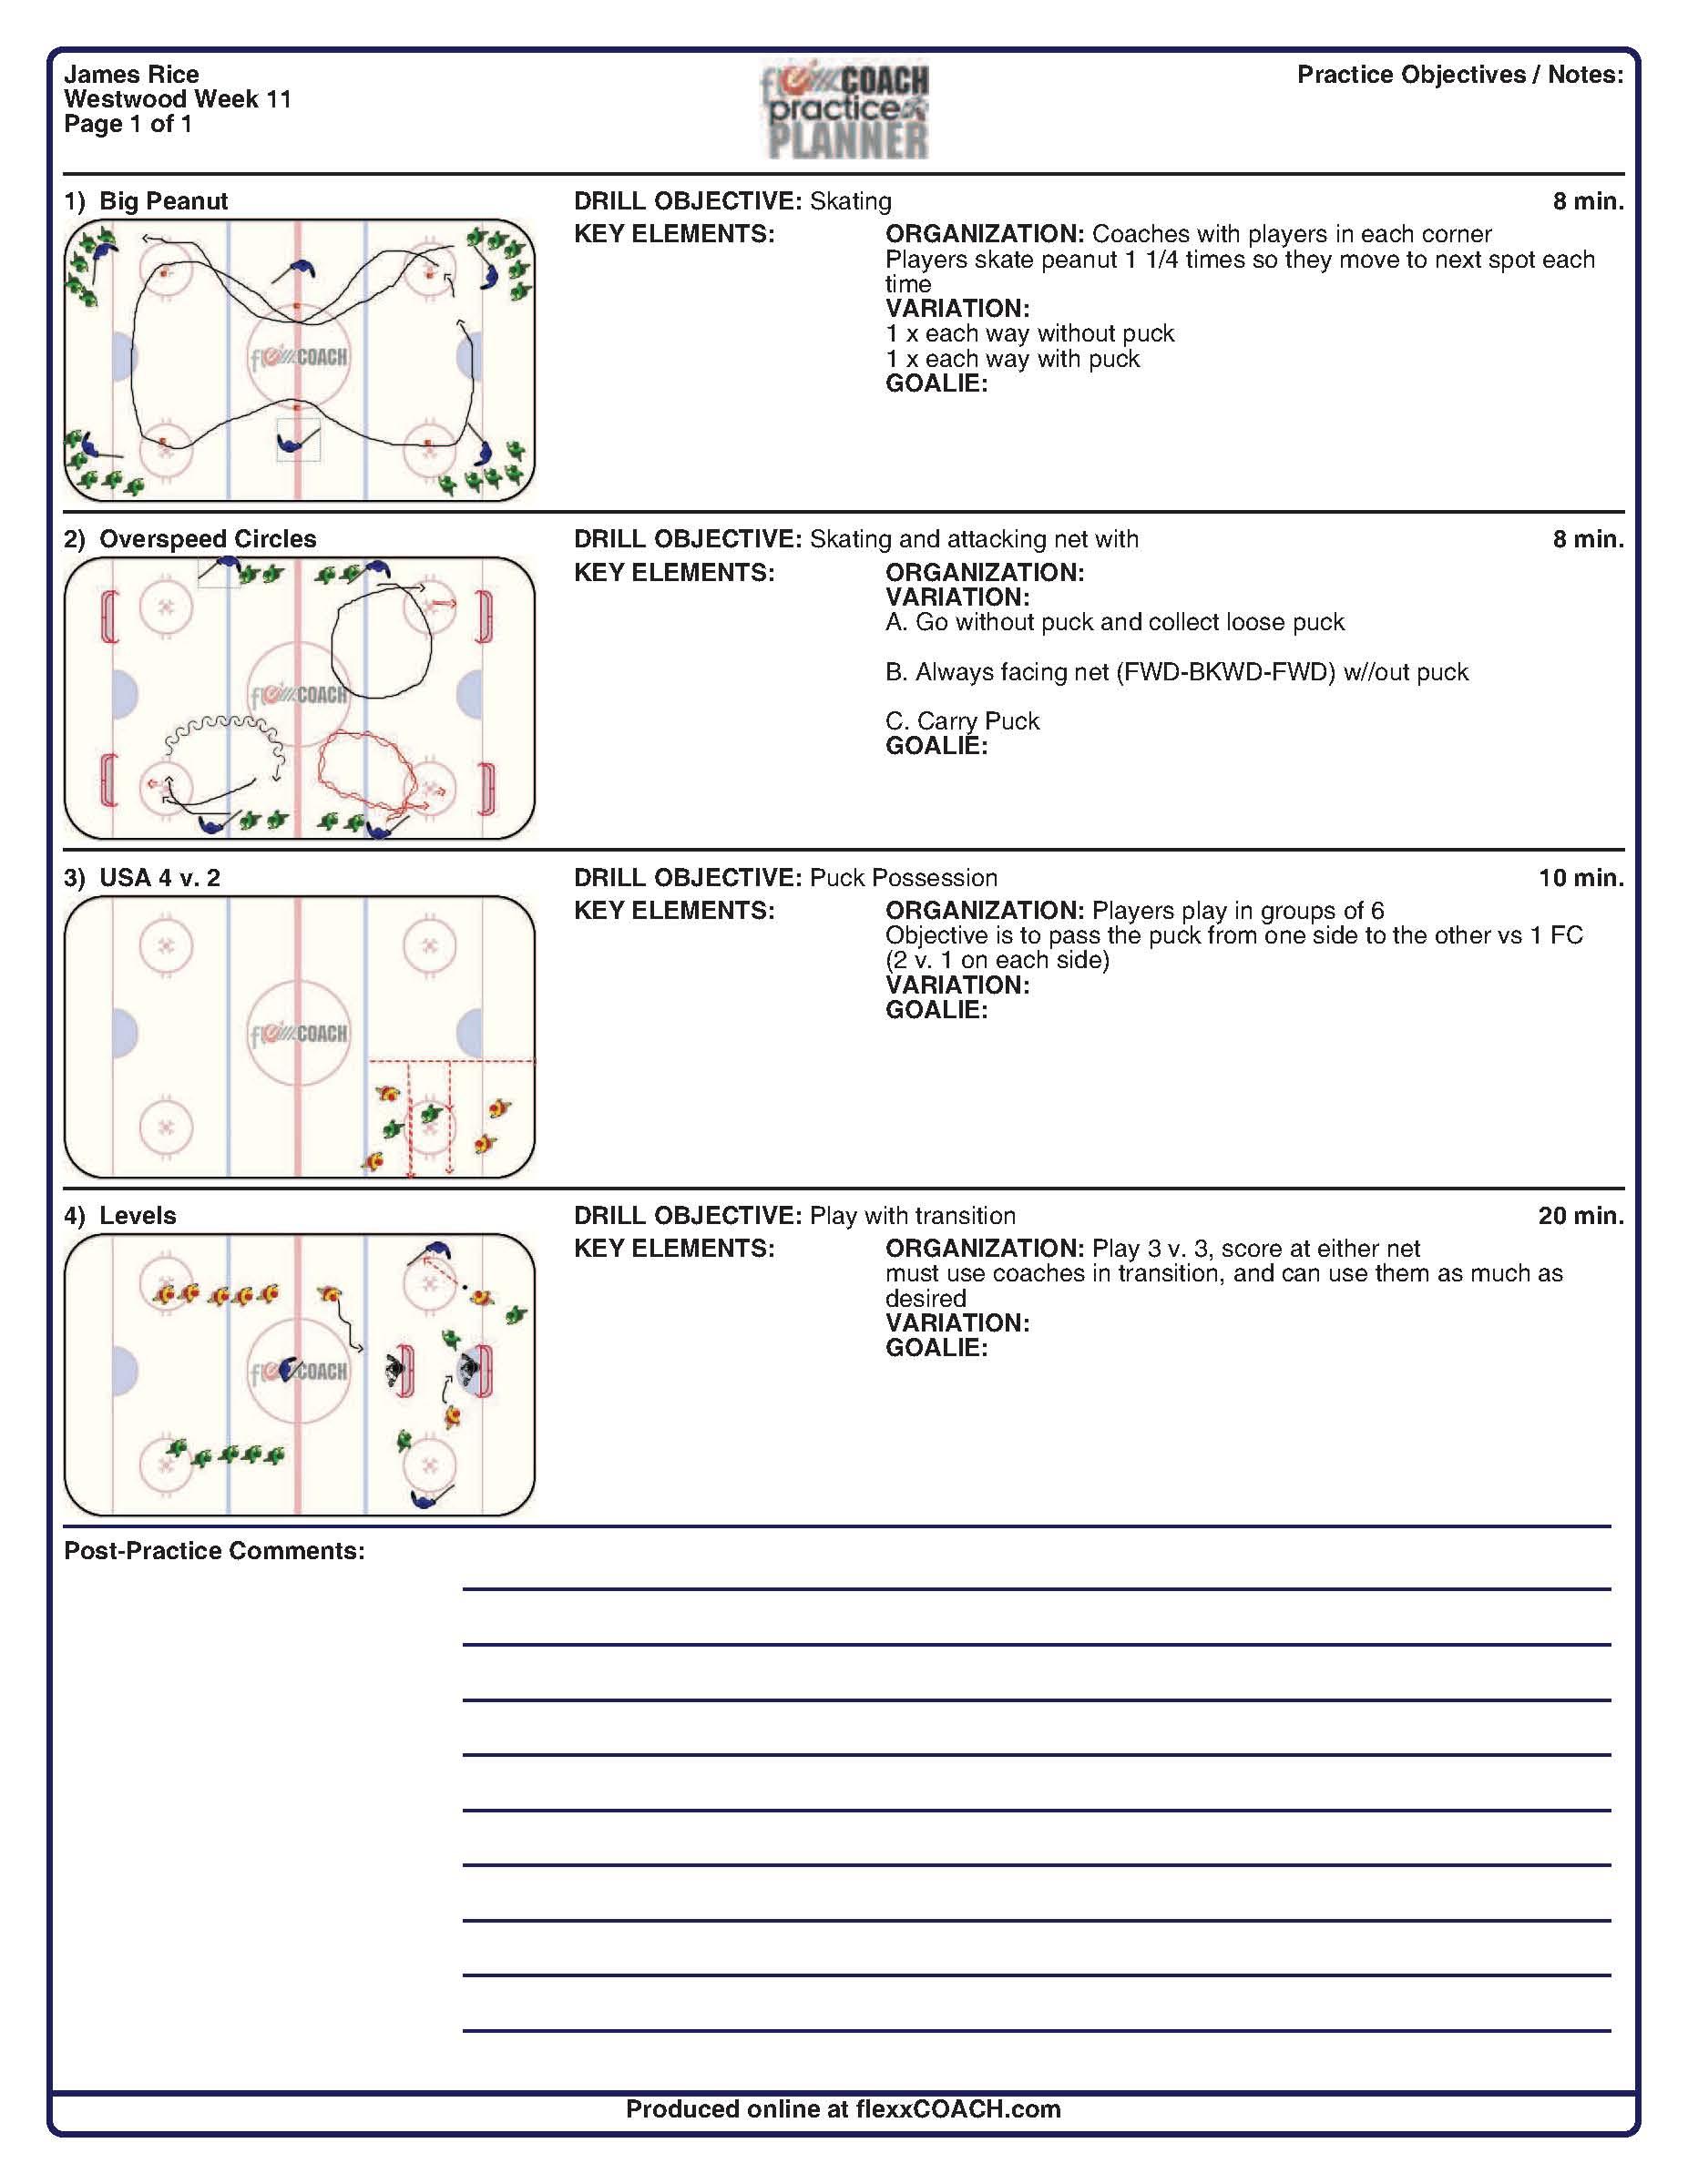 Free Download Program Blank Basketball Practice Plan